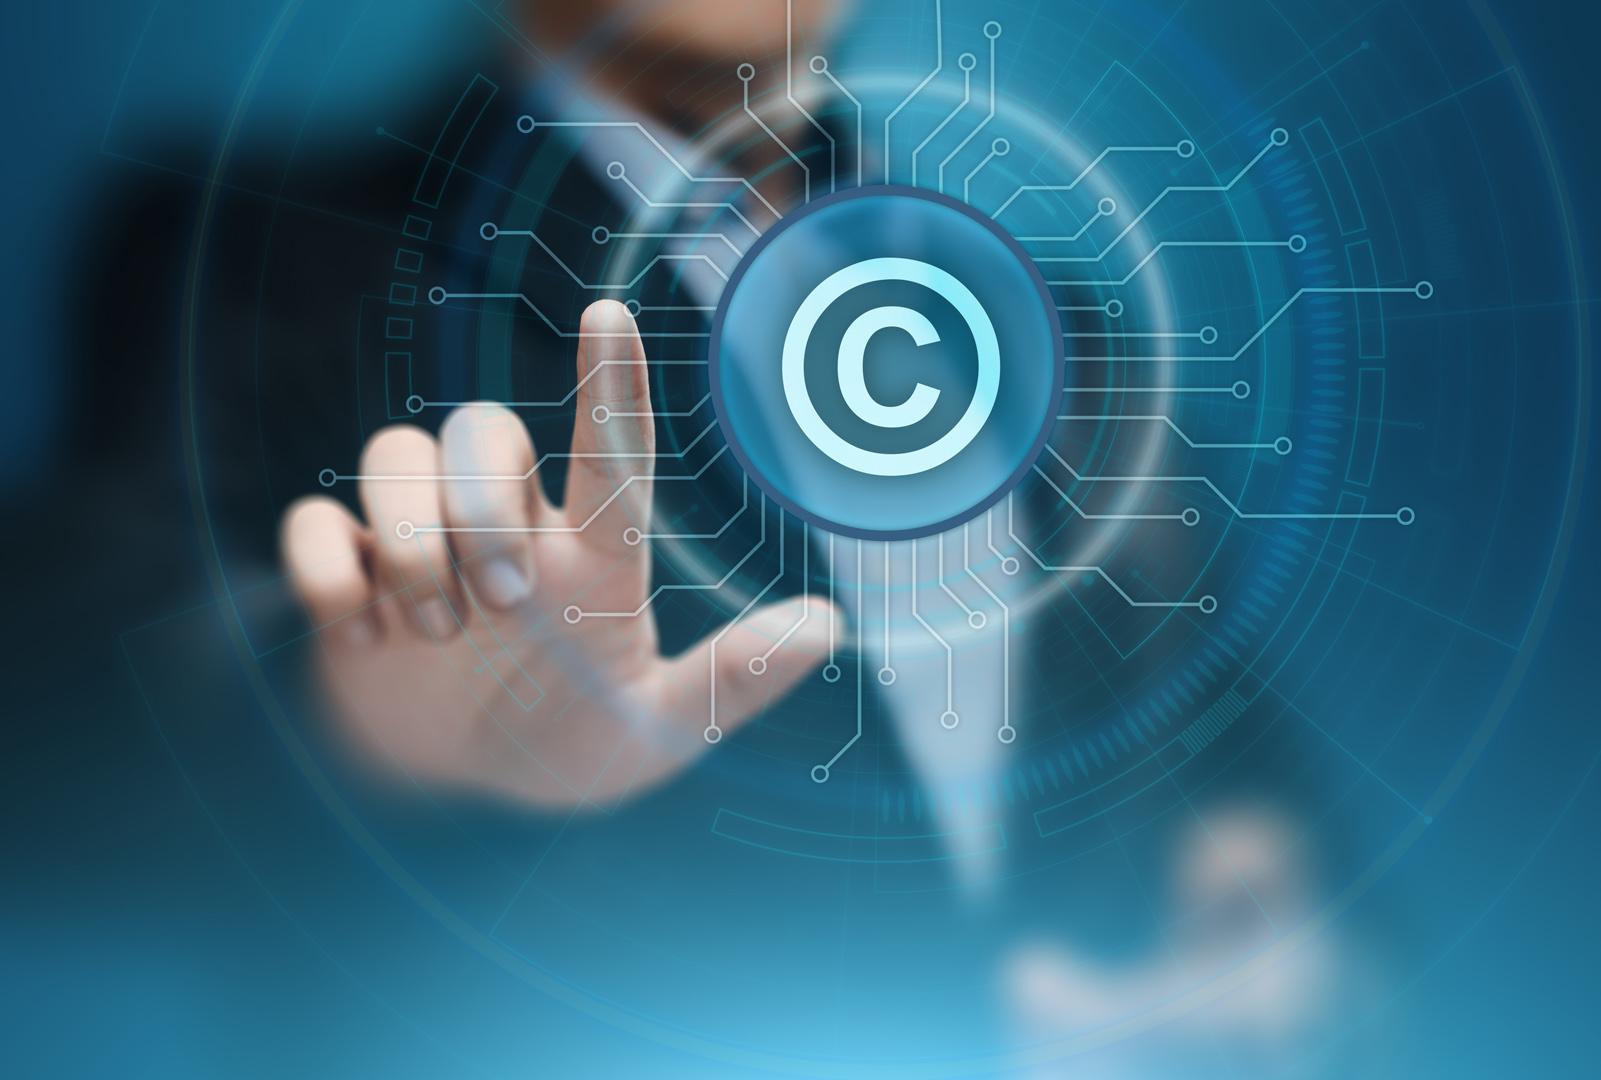 ЕС всё ближе кпринятию противоречивой директивы об авторском праве.